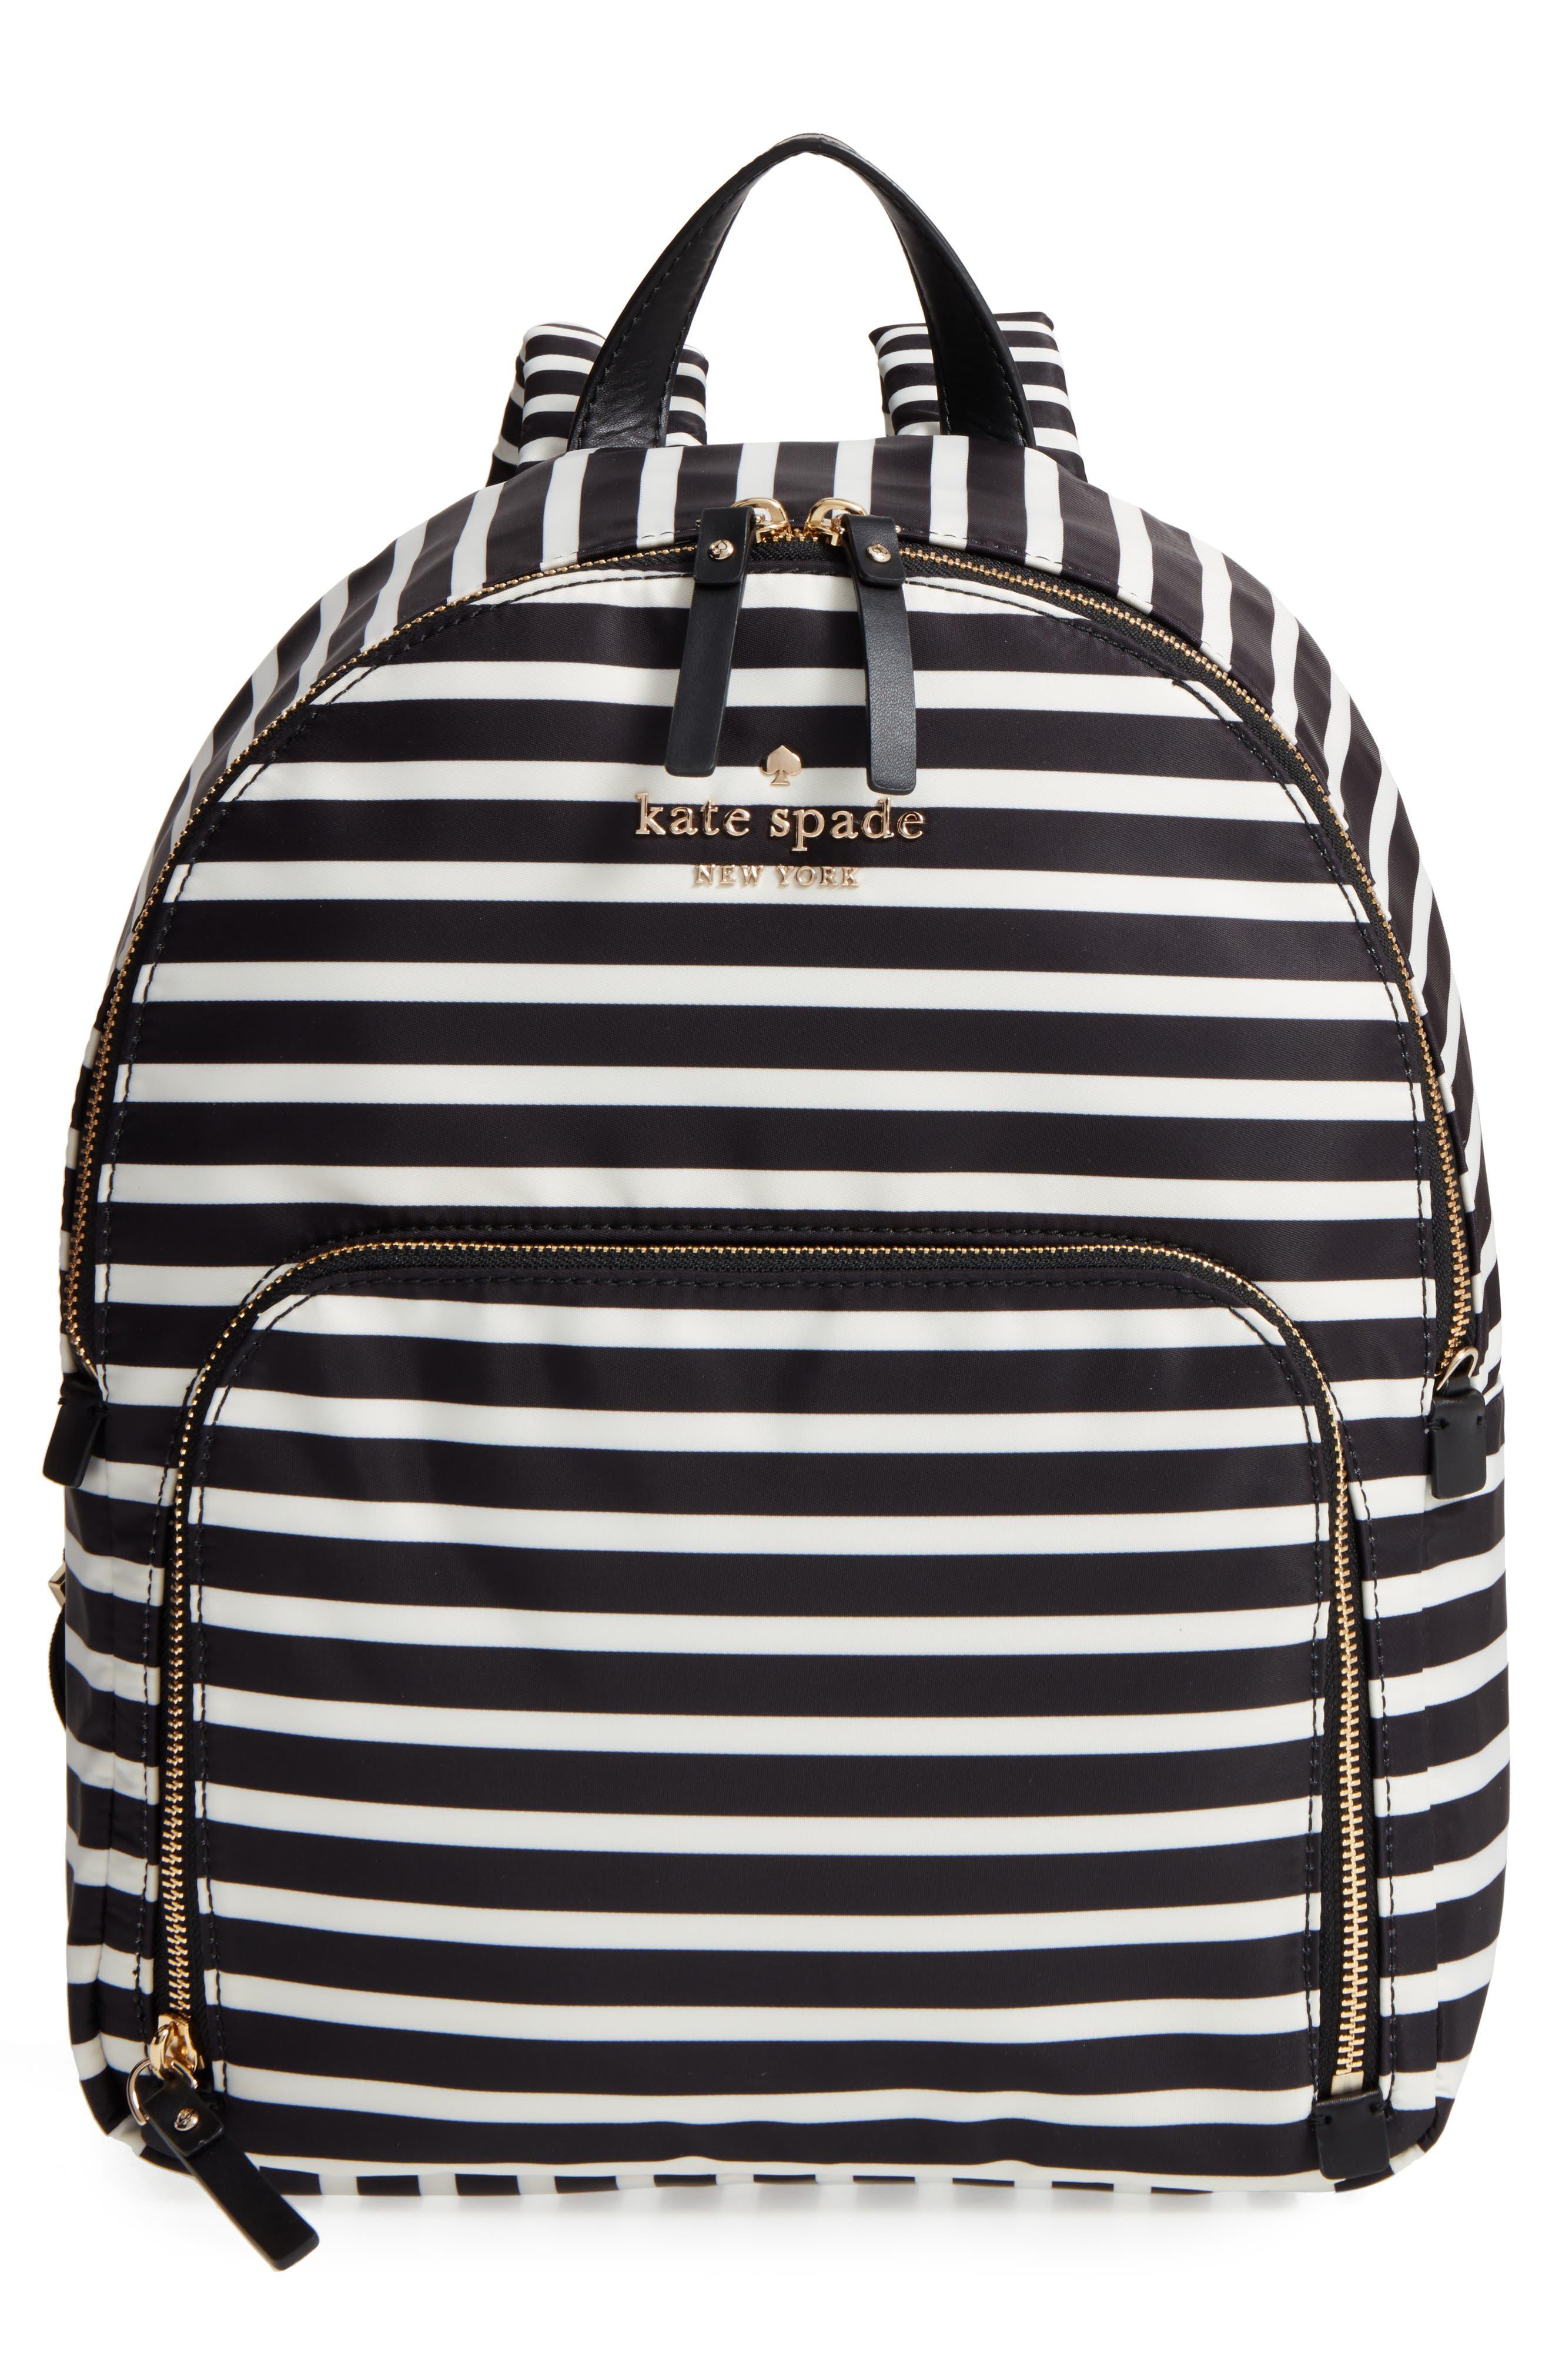 watson lane - hartley nylon backpack, Main, color, 001